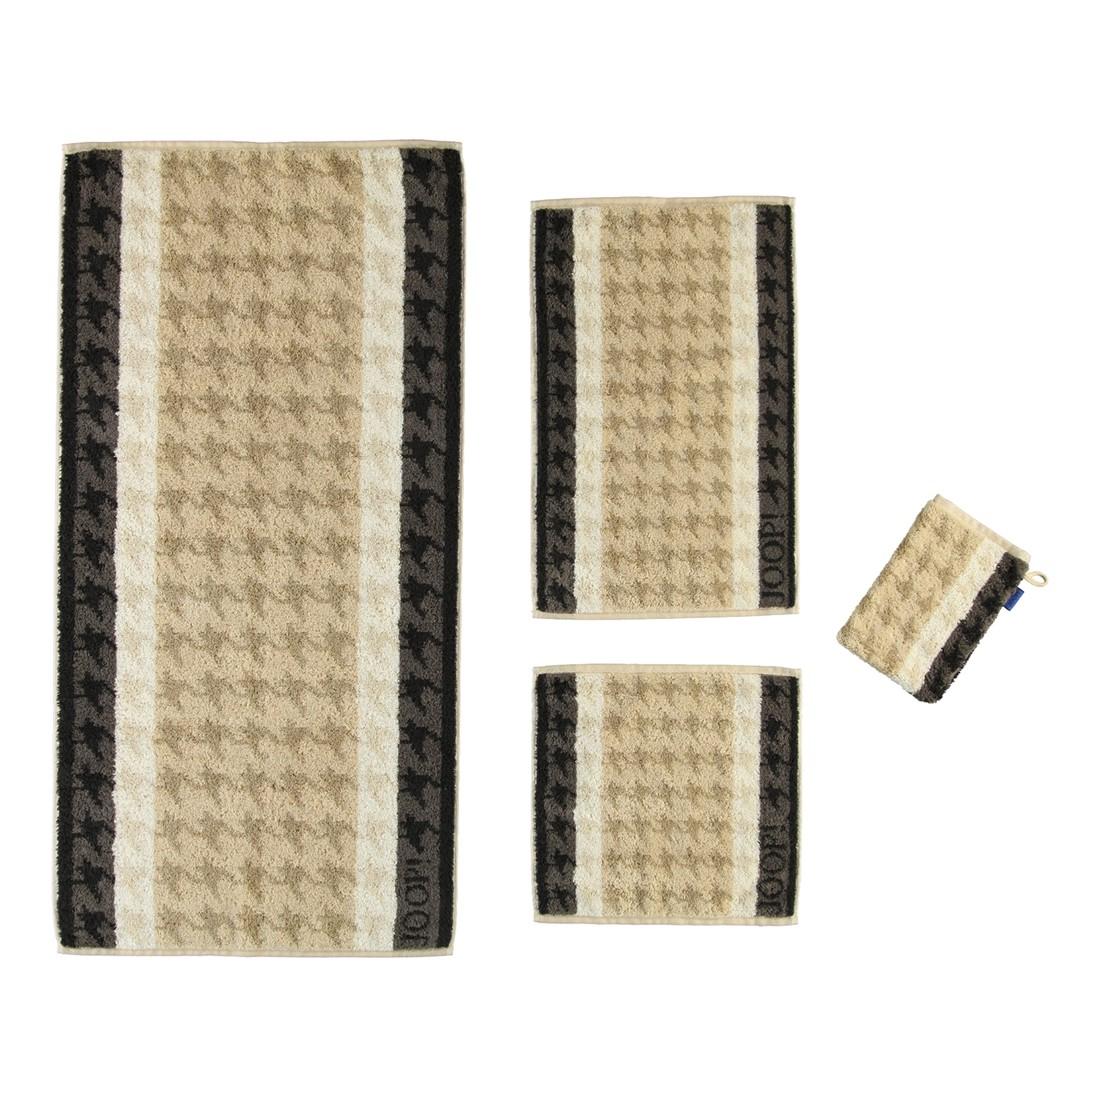 Handtuch Elegance Graphic – 100% Baumwolle travertin – 37 – Duschtuch: 80 x 150 cm, Joop kaufen